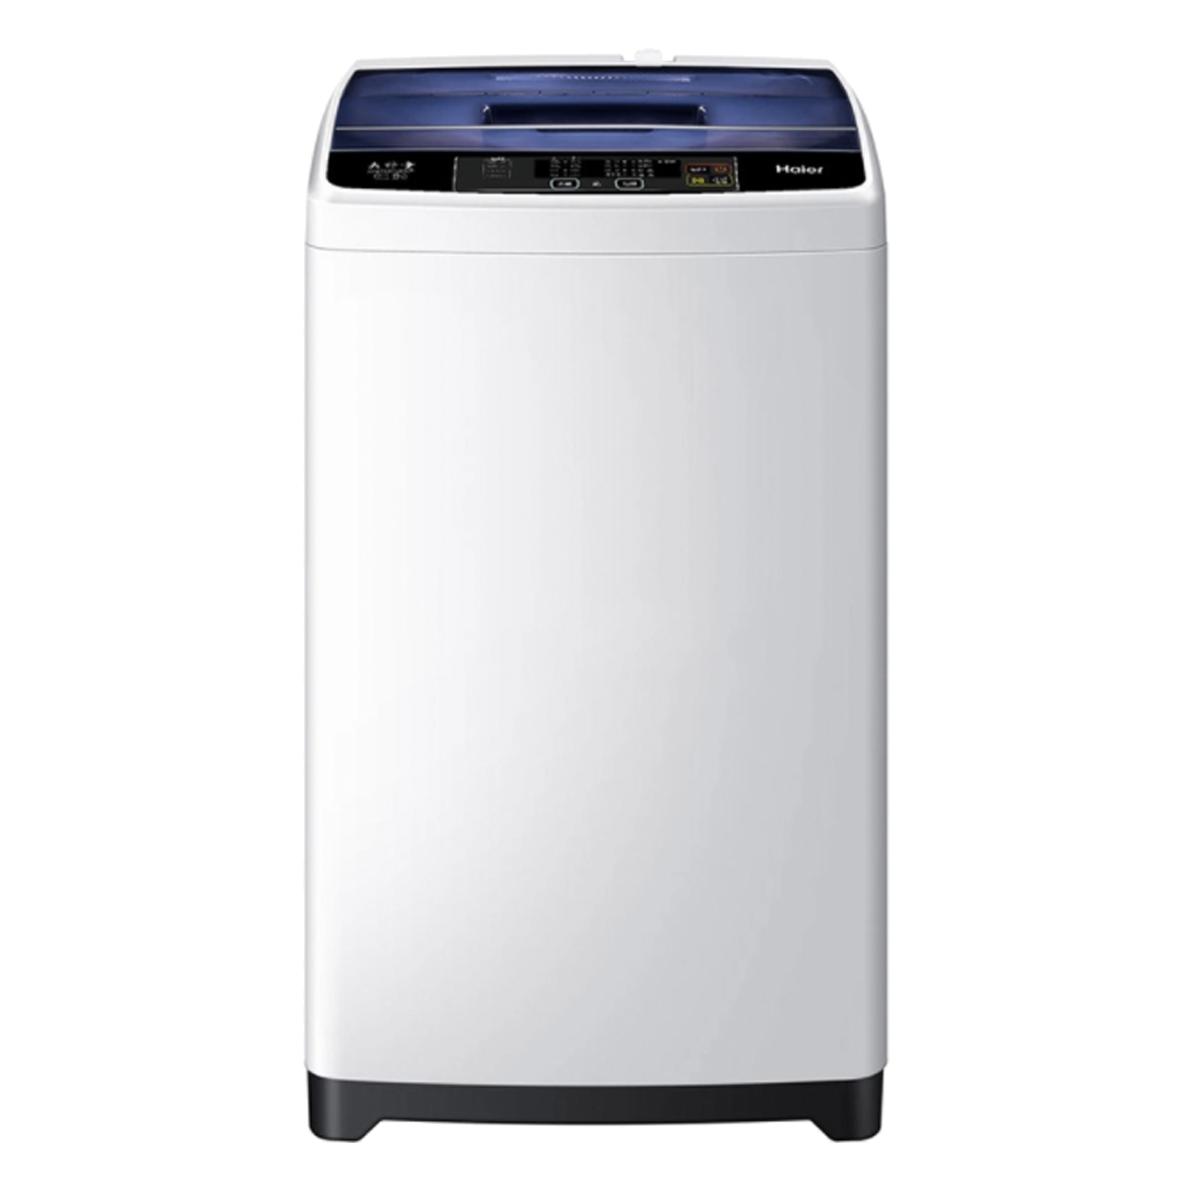 海尔Haier洗衣机 XQB70-M12699T 说明书